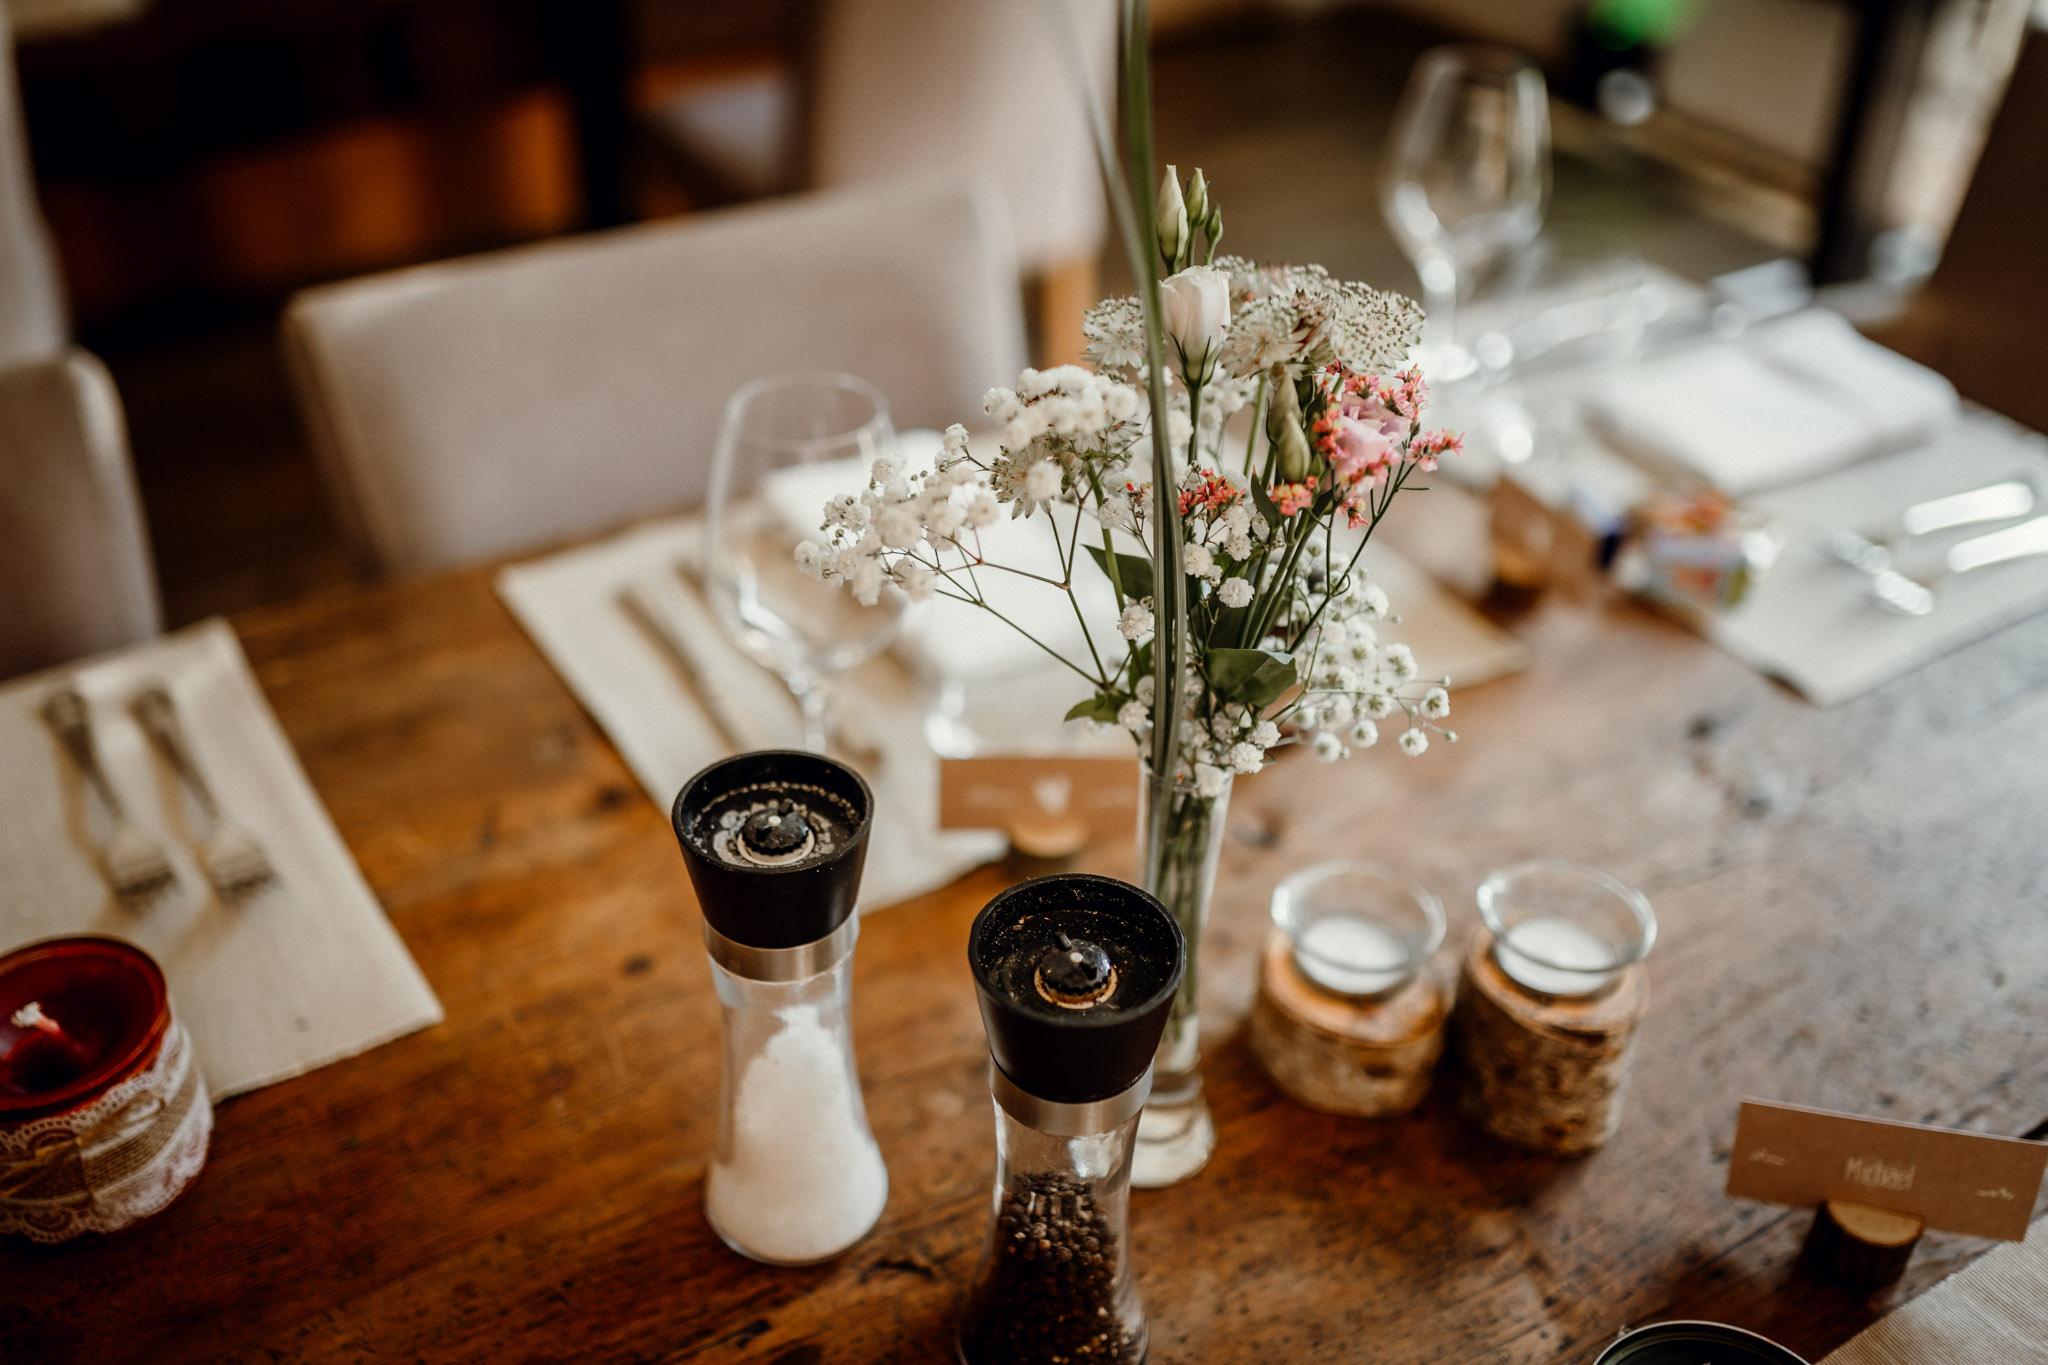 Sven Schomburg Hochzeitsfotografie, Hamburg, Mölln, Hochzeitsfieber by Photo-Schomburg, Hochzeitsreportage, Forsthaus Waldhusen, Braut, Bräutigam-53